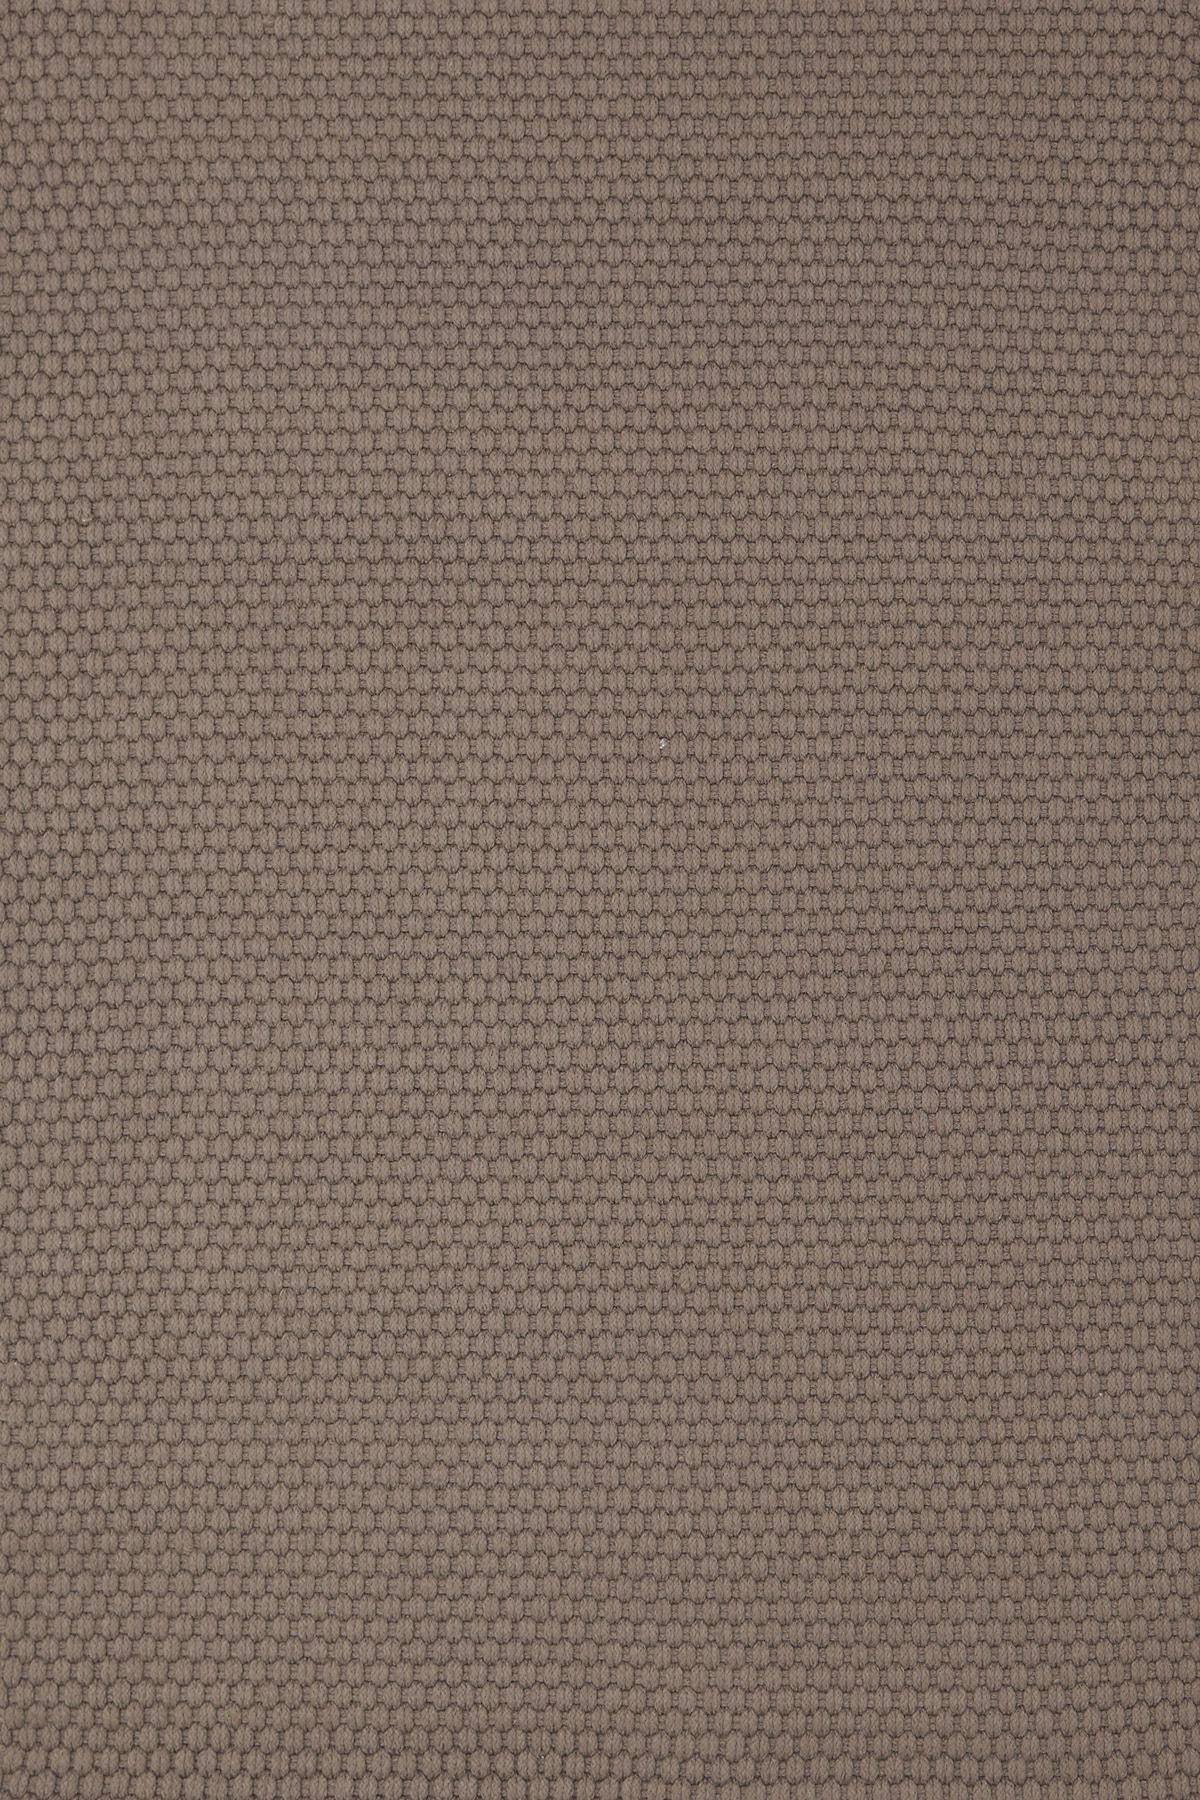 Rope Charcoal Indoor/Outdoor Rug